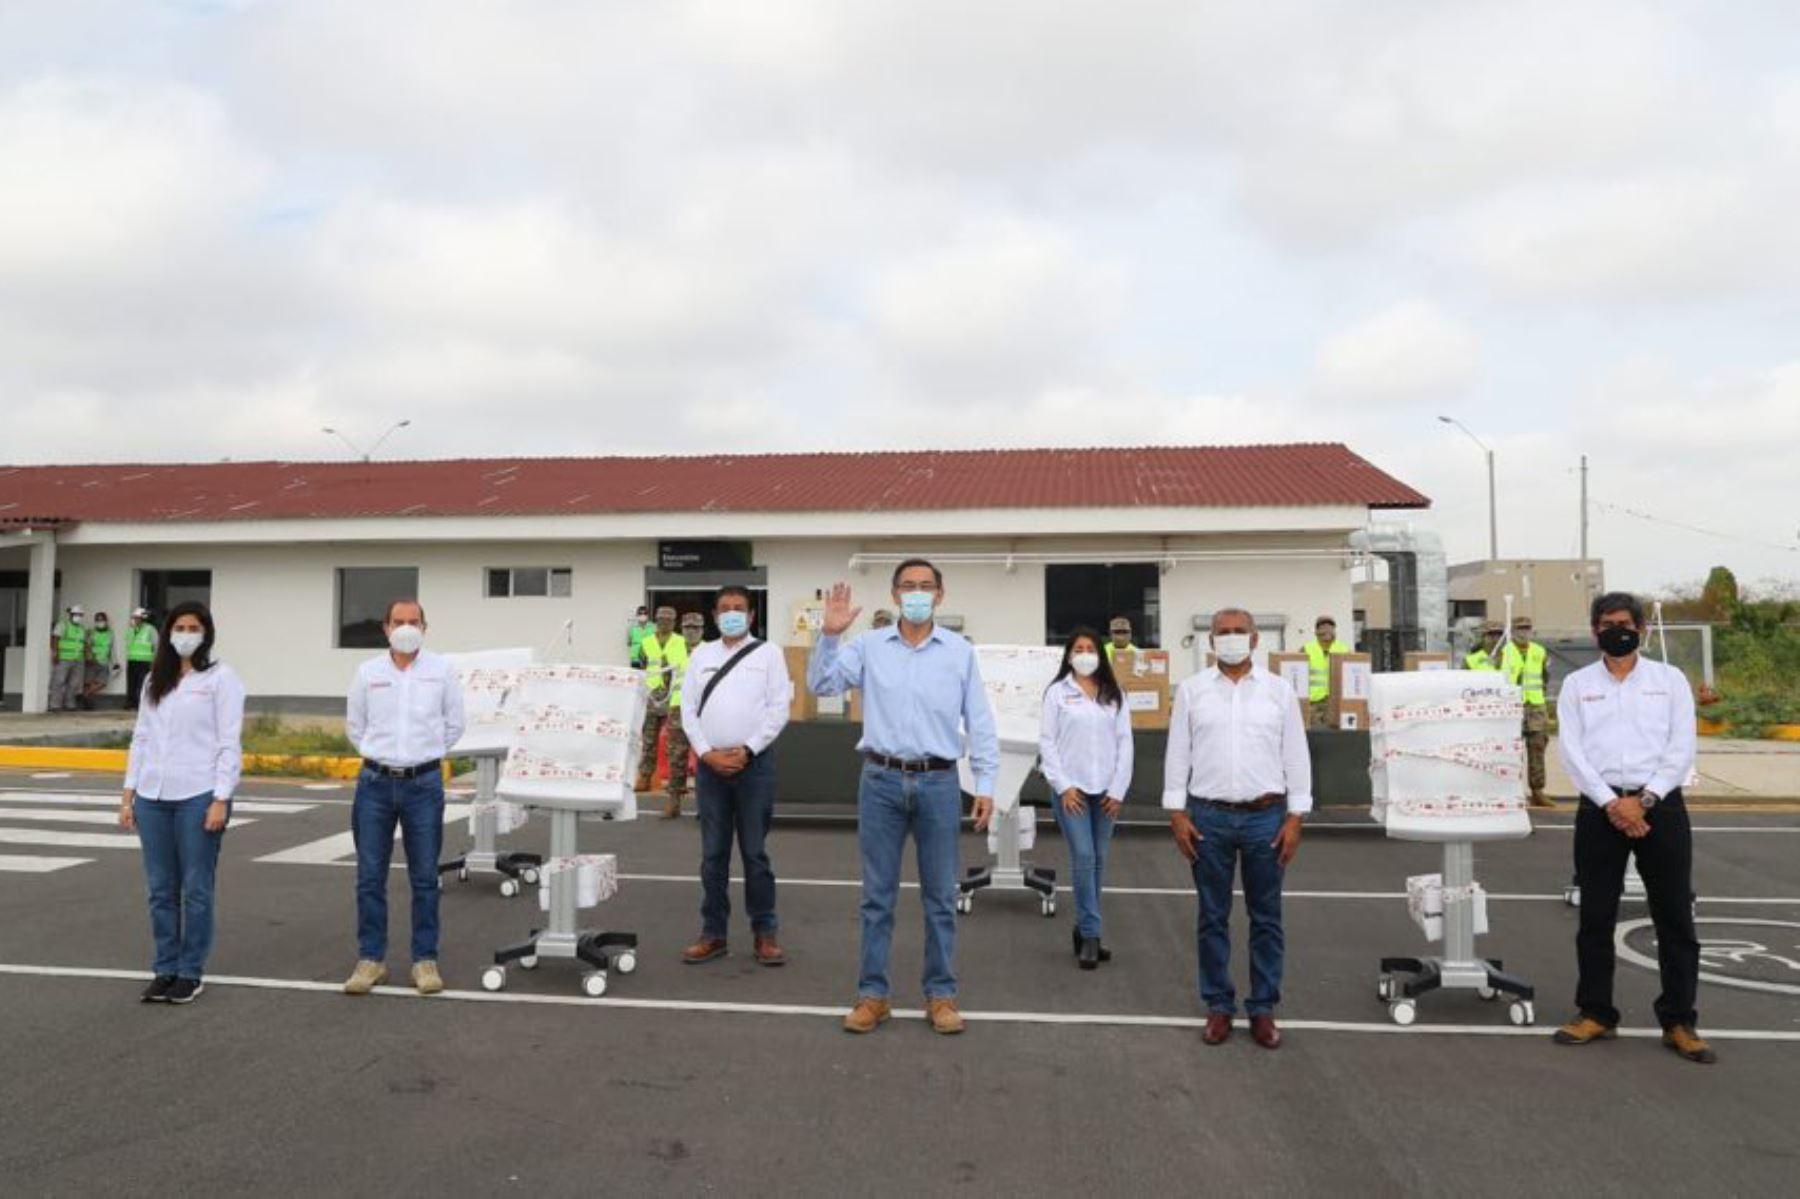 El presidente de la República, Martín Vizcarra, entrega ventiladores mecánicos para pacientes con covid-19 en cuatro regiones del norte del país. Foto: ANDINA/ Prensa Presidencia